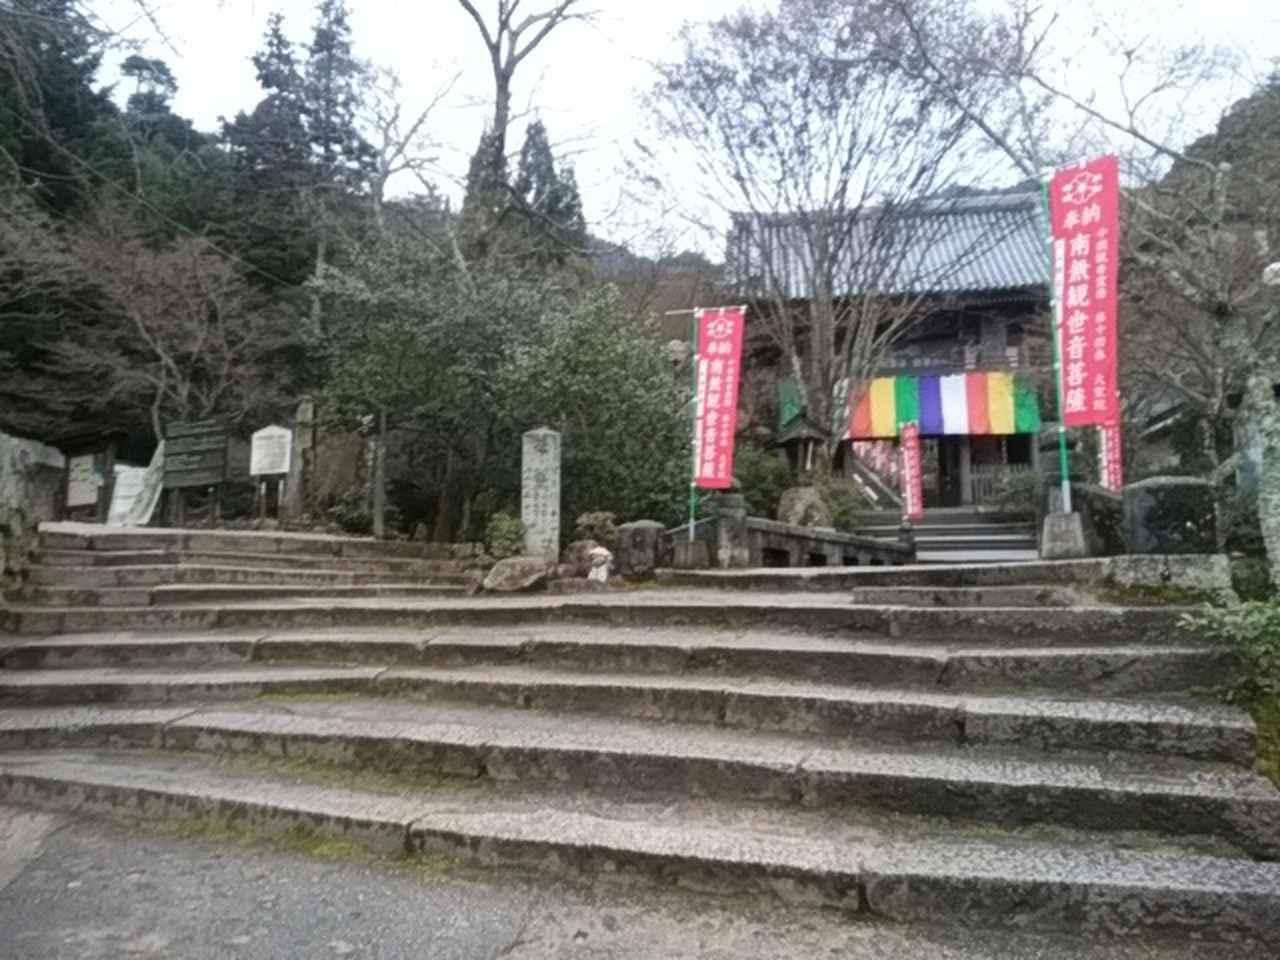 画像3: 1月の山旅会 「宮島弥山・秋吉台龍護峰・萩笠山」 ツアーの下見にいってまいりました!